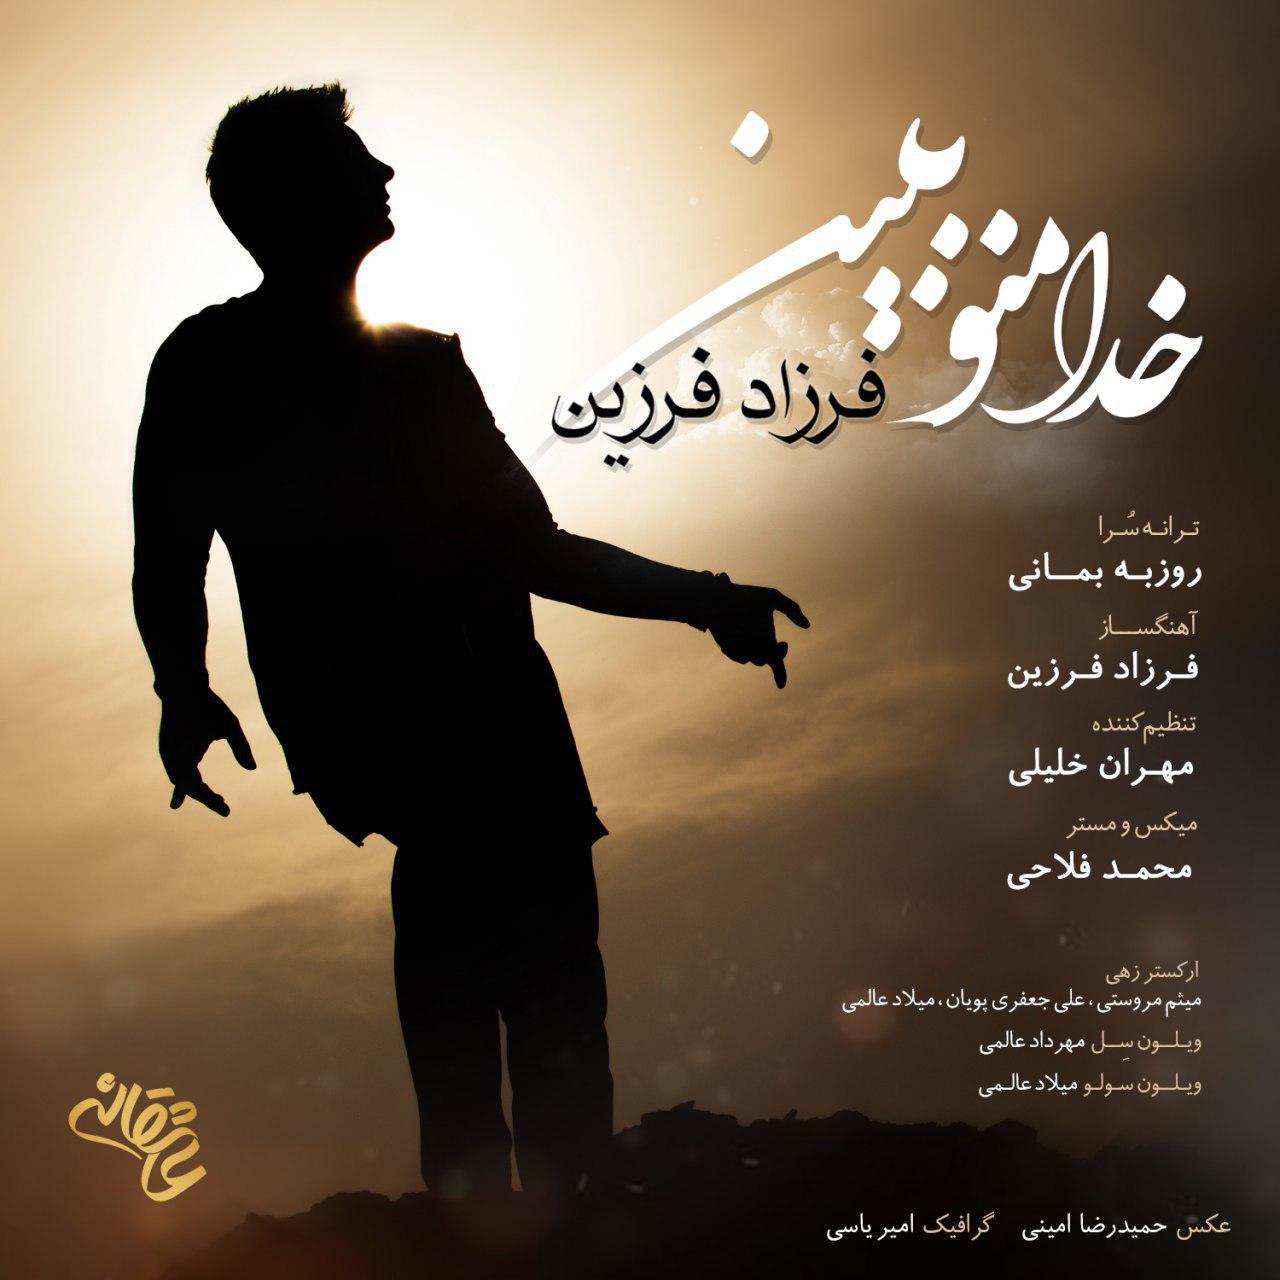 Farzad Farzin – Khoda Mano Bebin